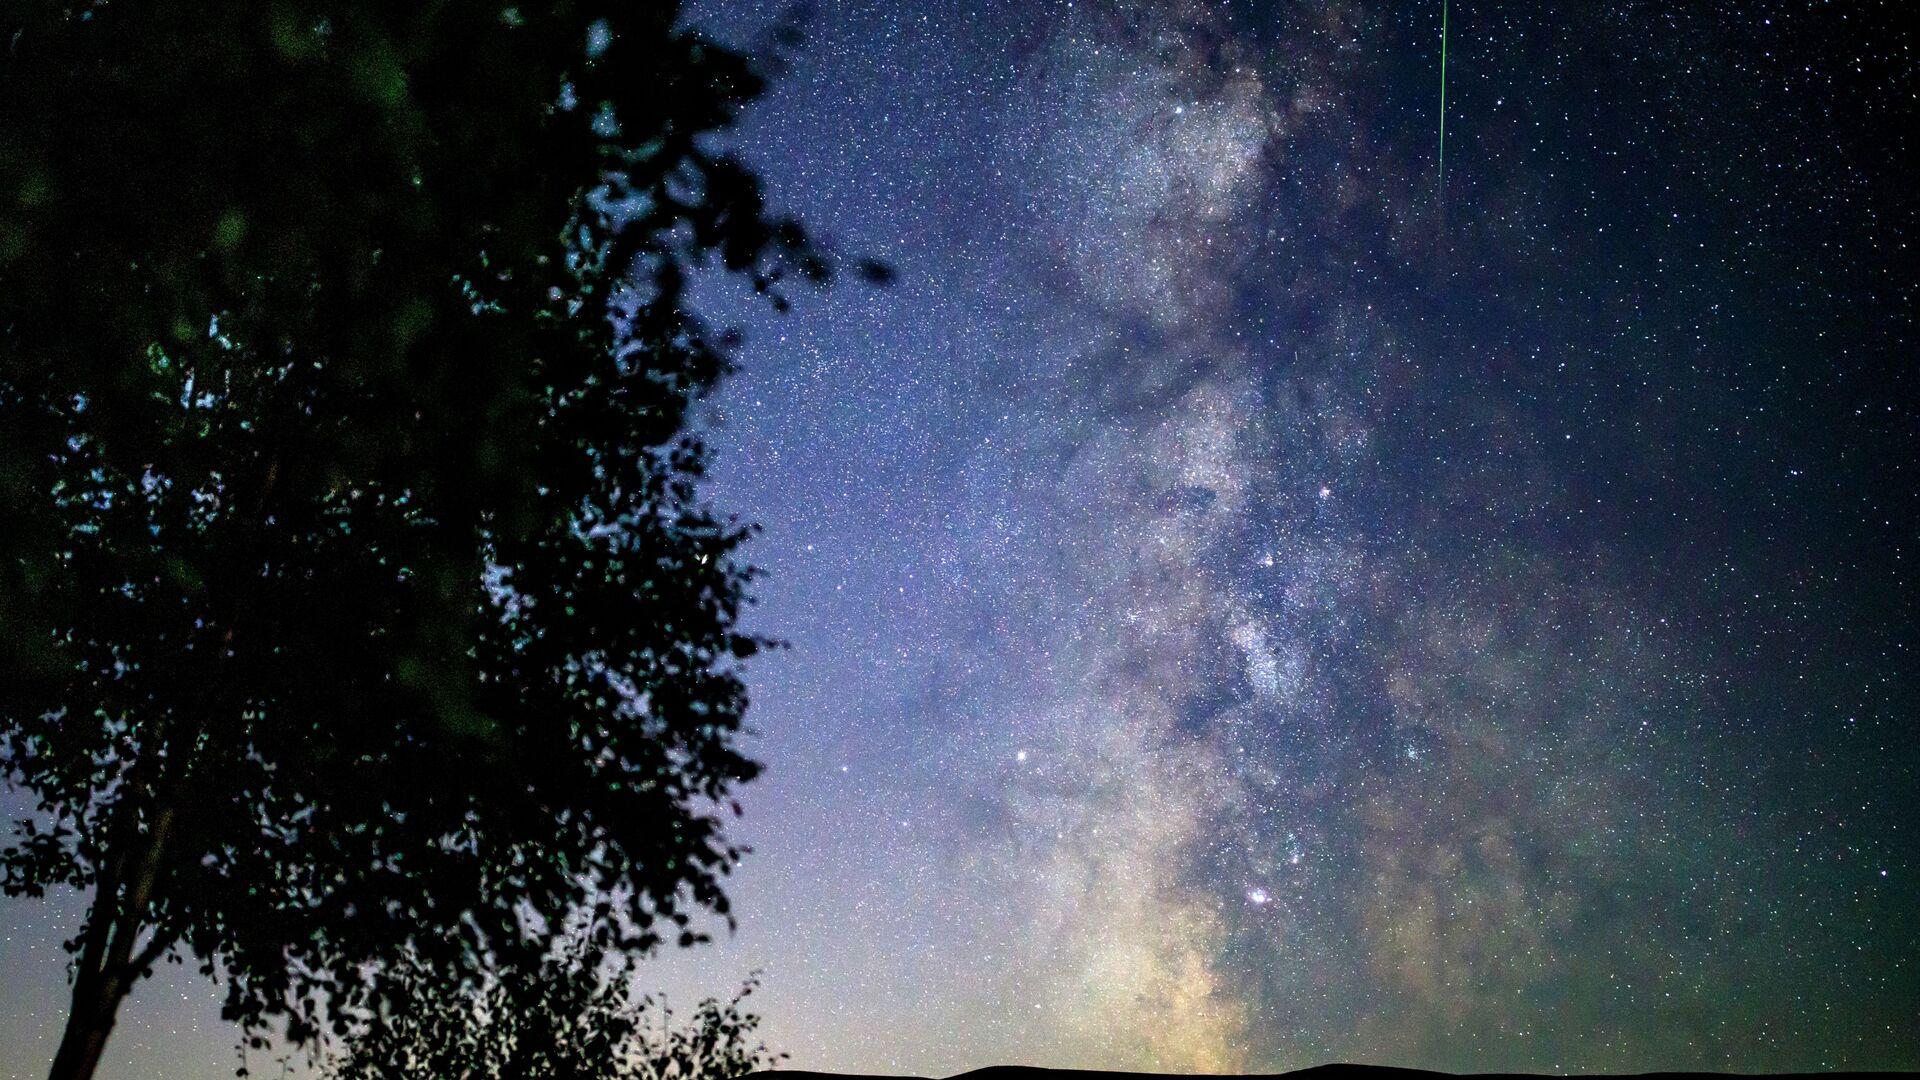 Звездное небо, наблюдаемое в Краснодарском крае во время метеорного потока Персеиды - Sputnik Грузия, 1920, 18.09.2021